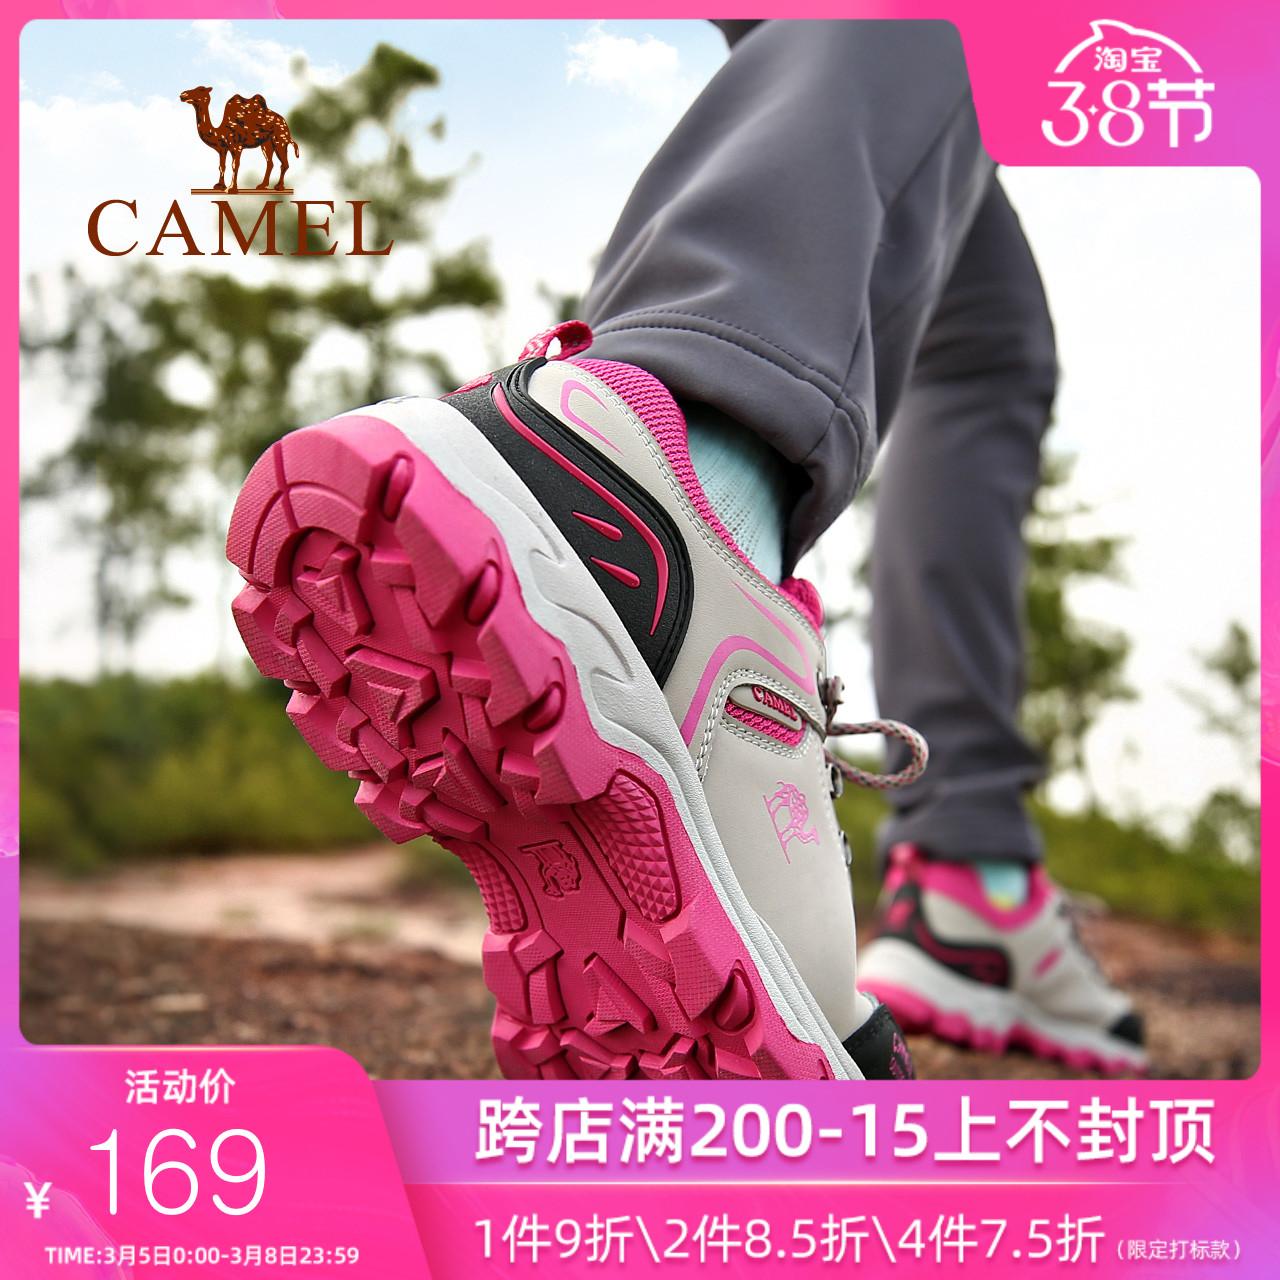 骆驼登山鞋子户外女士工装鞋徒步鞋 防滑耐磨缓震旅游徒步鞋女鞋